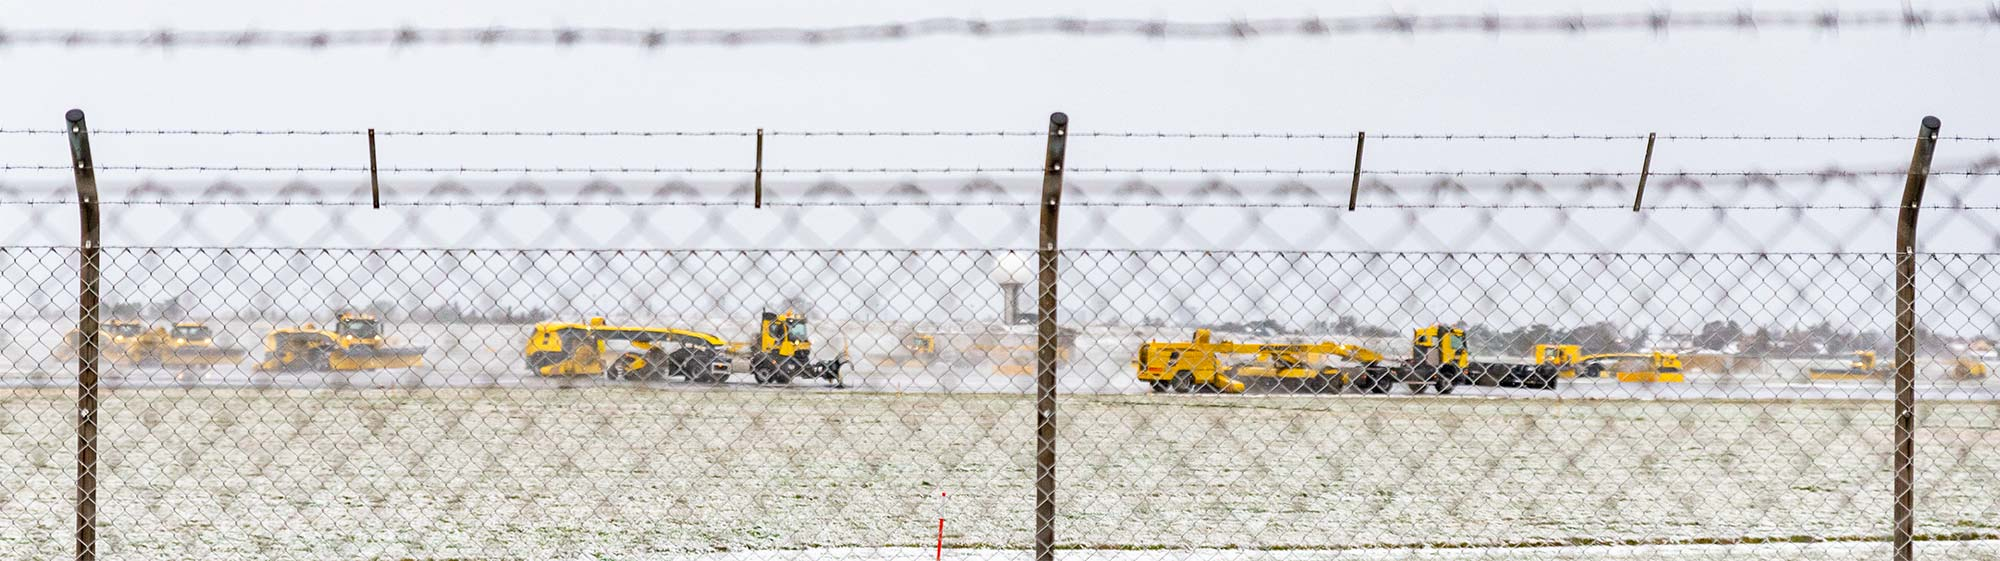 Gennem to hegn kunne man fra Store Magleby følge en større konvoj af i Københavns Lufthavns snerydningskøretøjer arbejde med at holde banerne klar til flytrafikken. Foto: Thomas Mose.